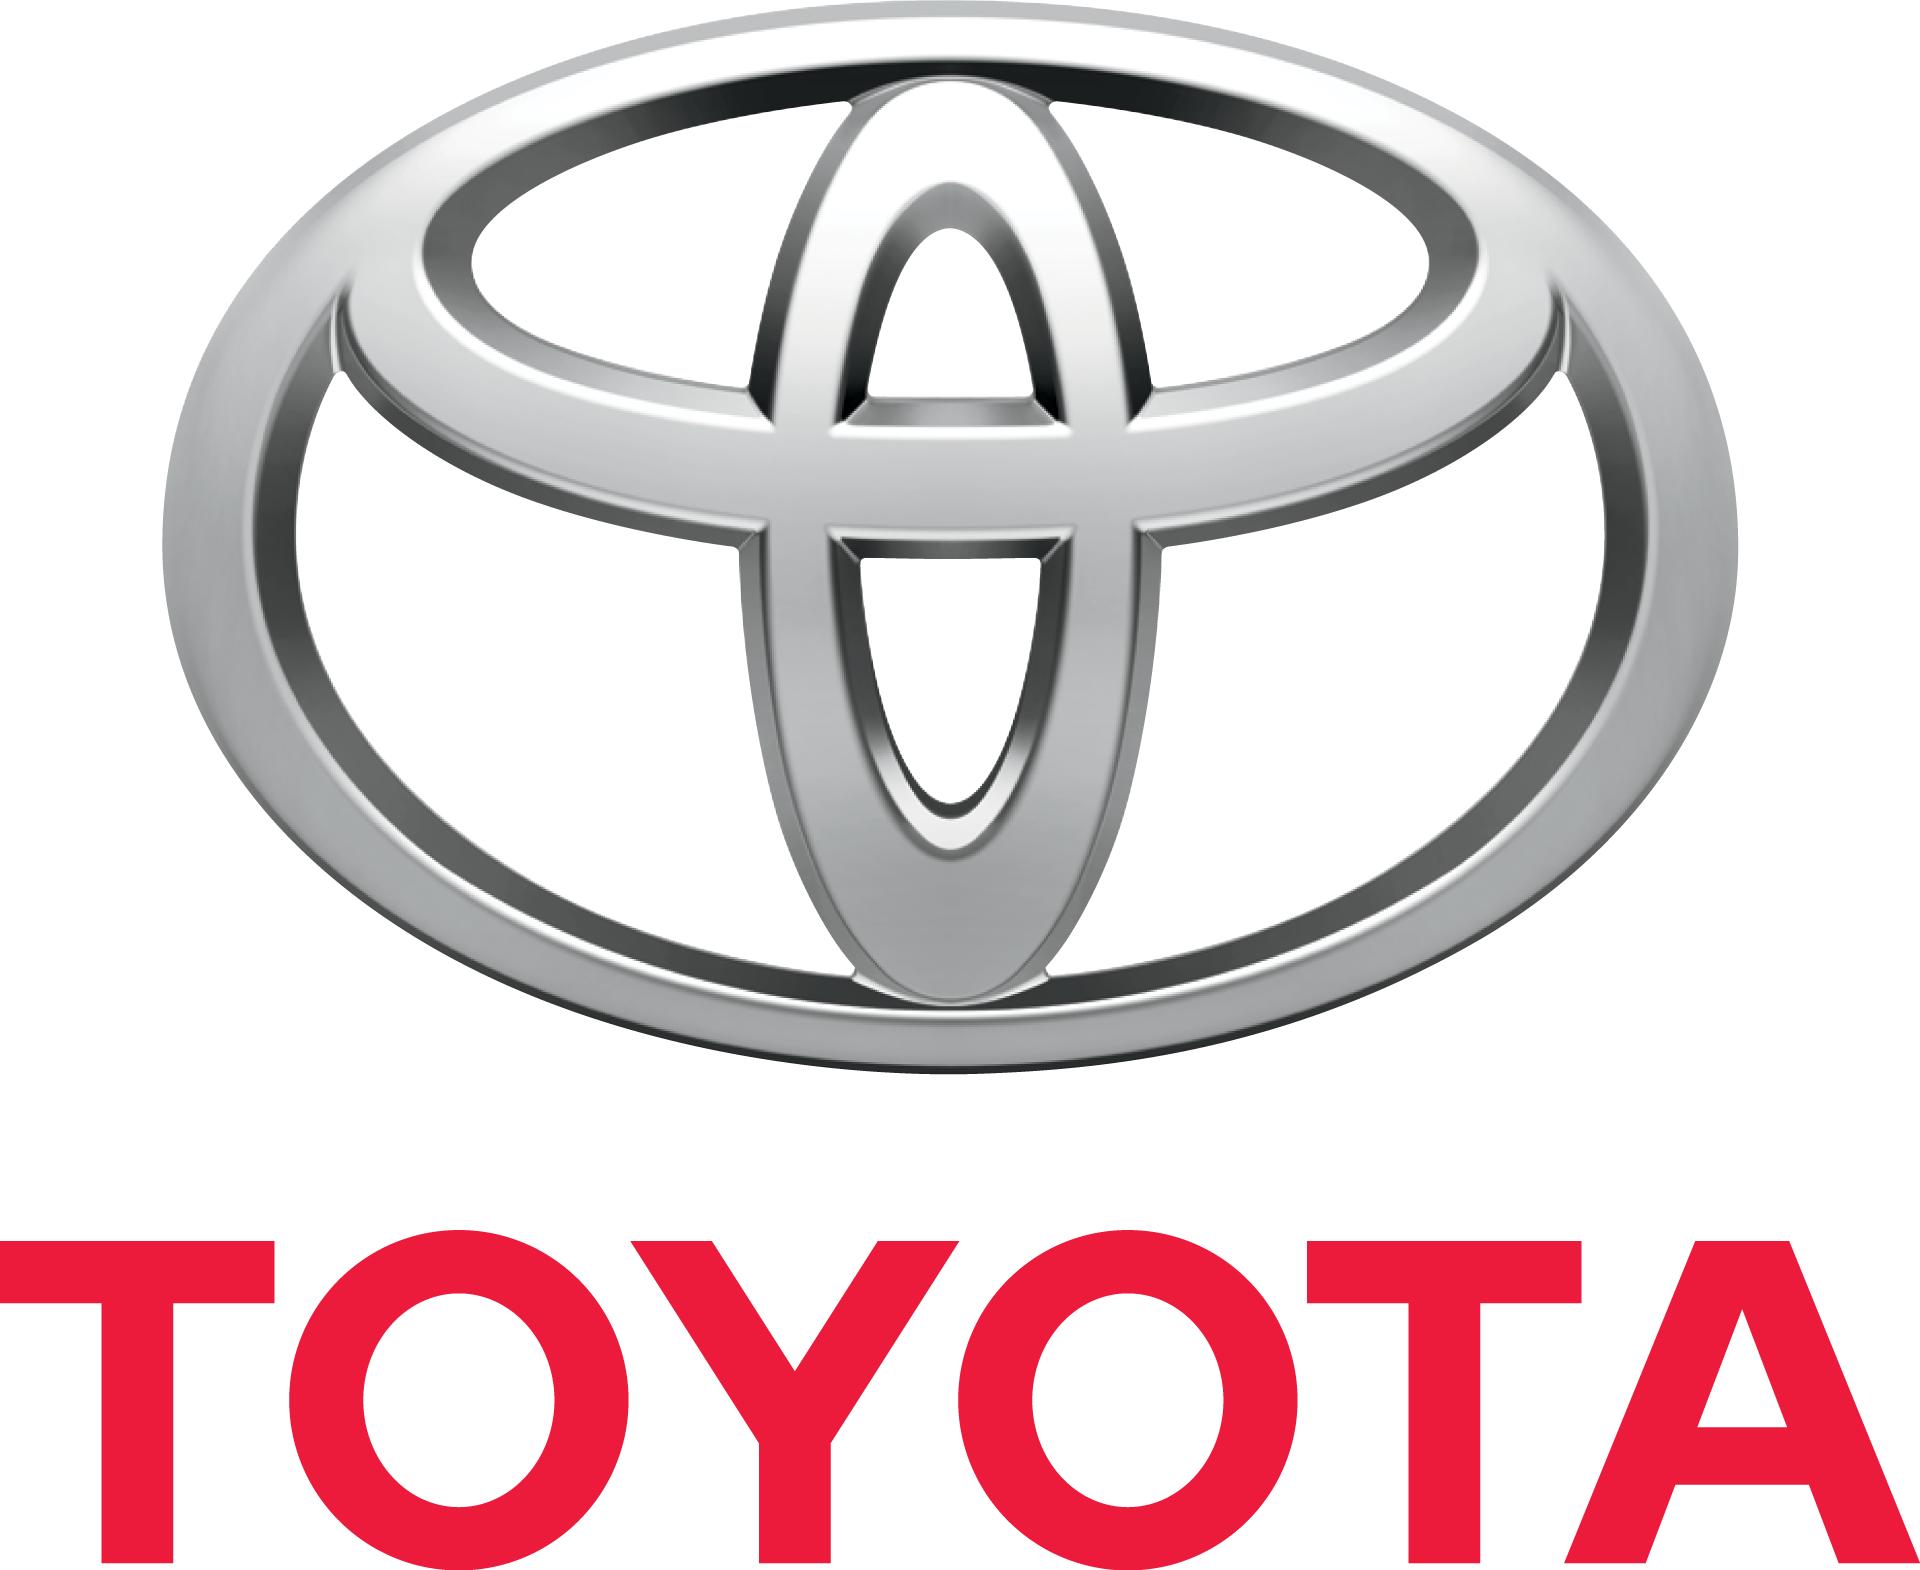 AK-Service-Online-Landing-Page-Toyota - Toyota Logo PNG